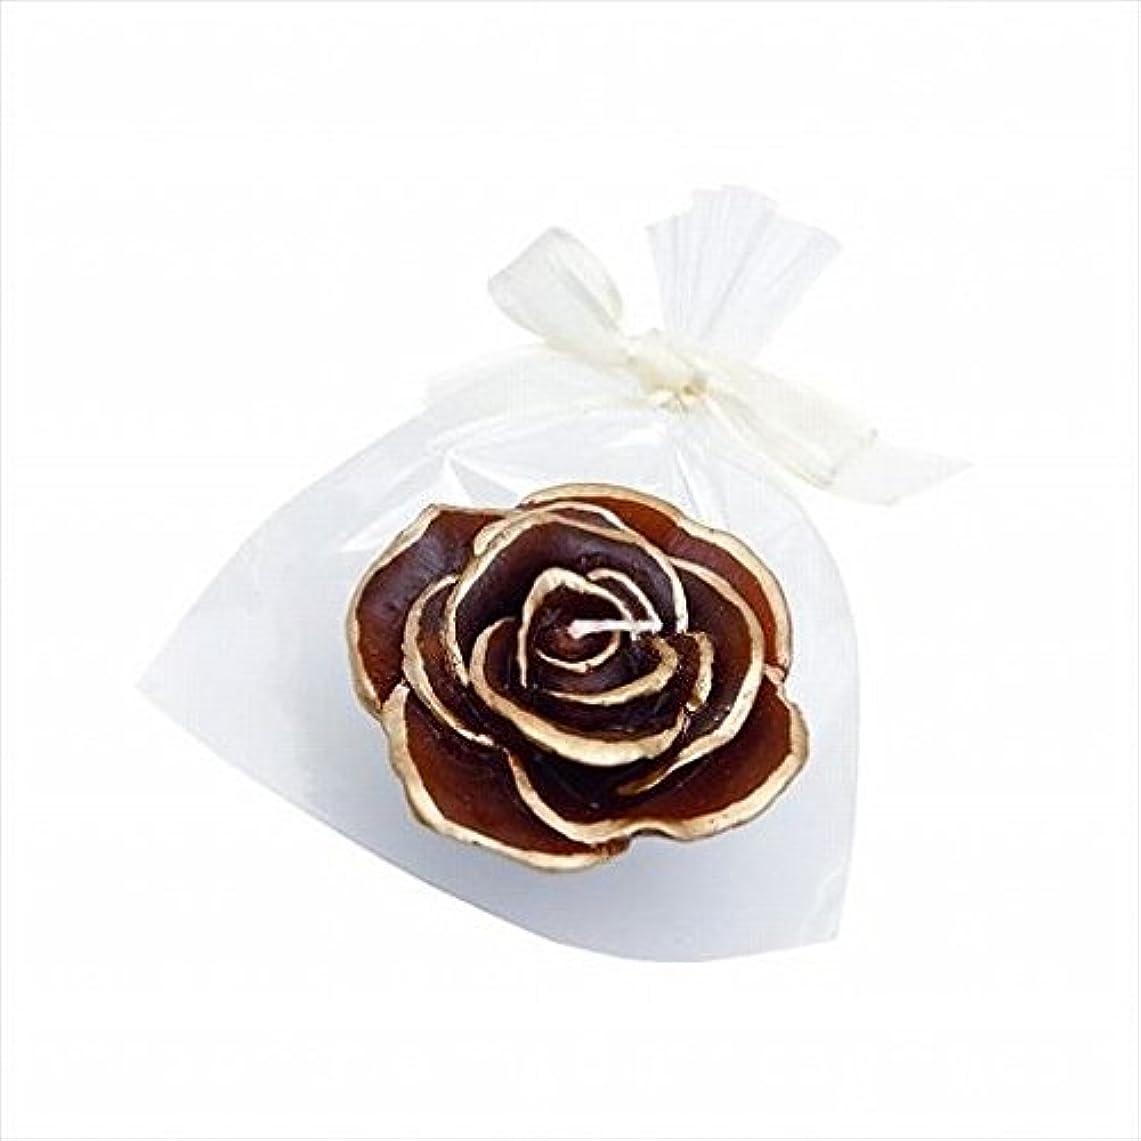 シミュレートする誰が世界の窓kameyama candle(カメヤマキャンドル) プリンセスローズ 「 チョコレート 」(A6390500CH)